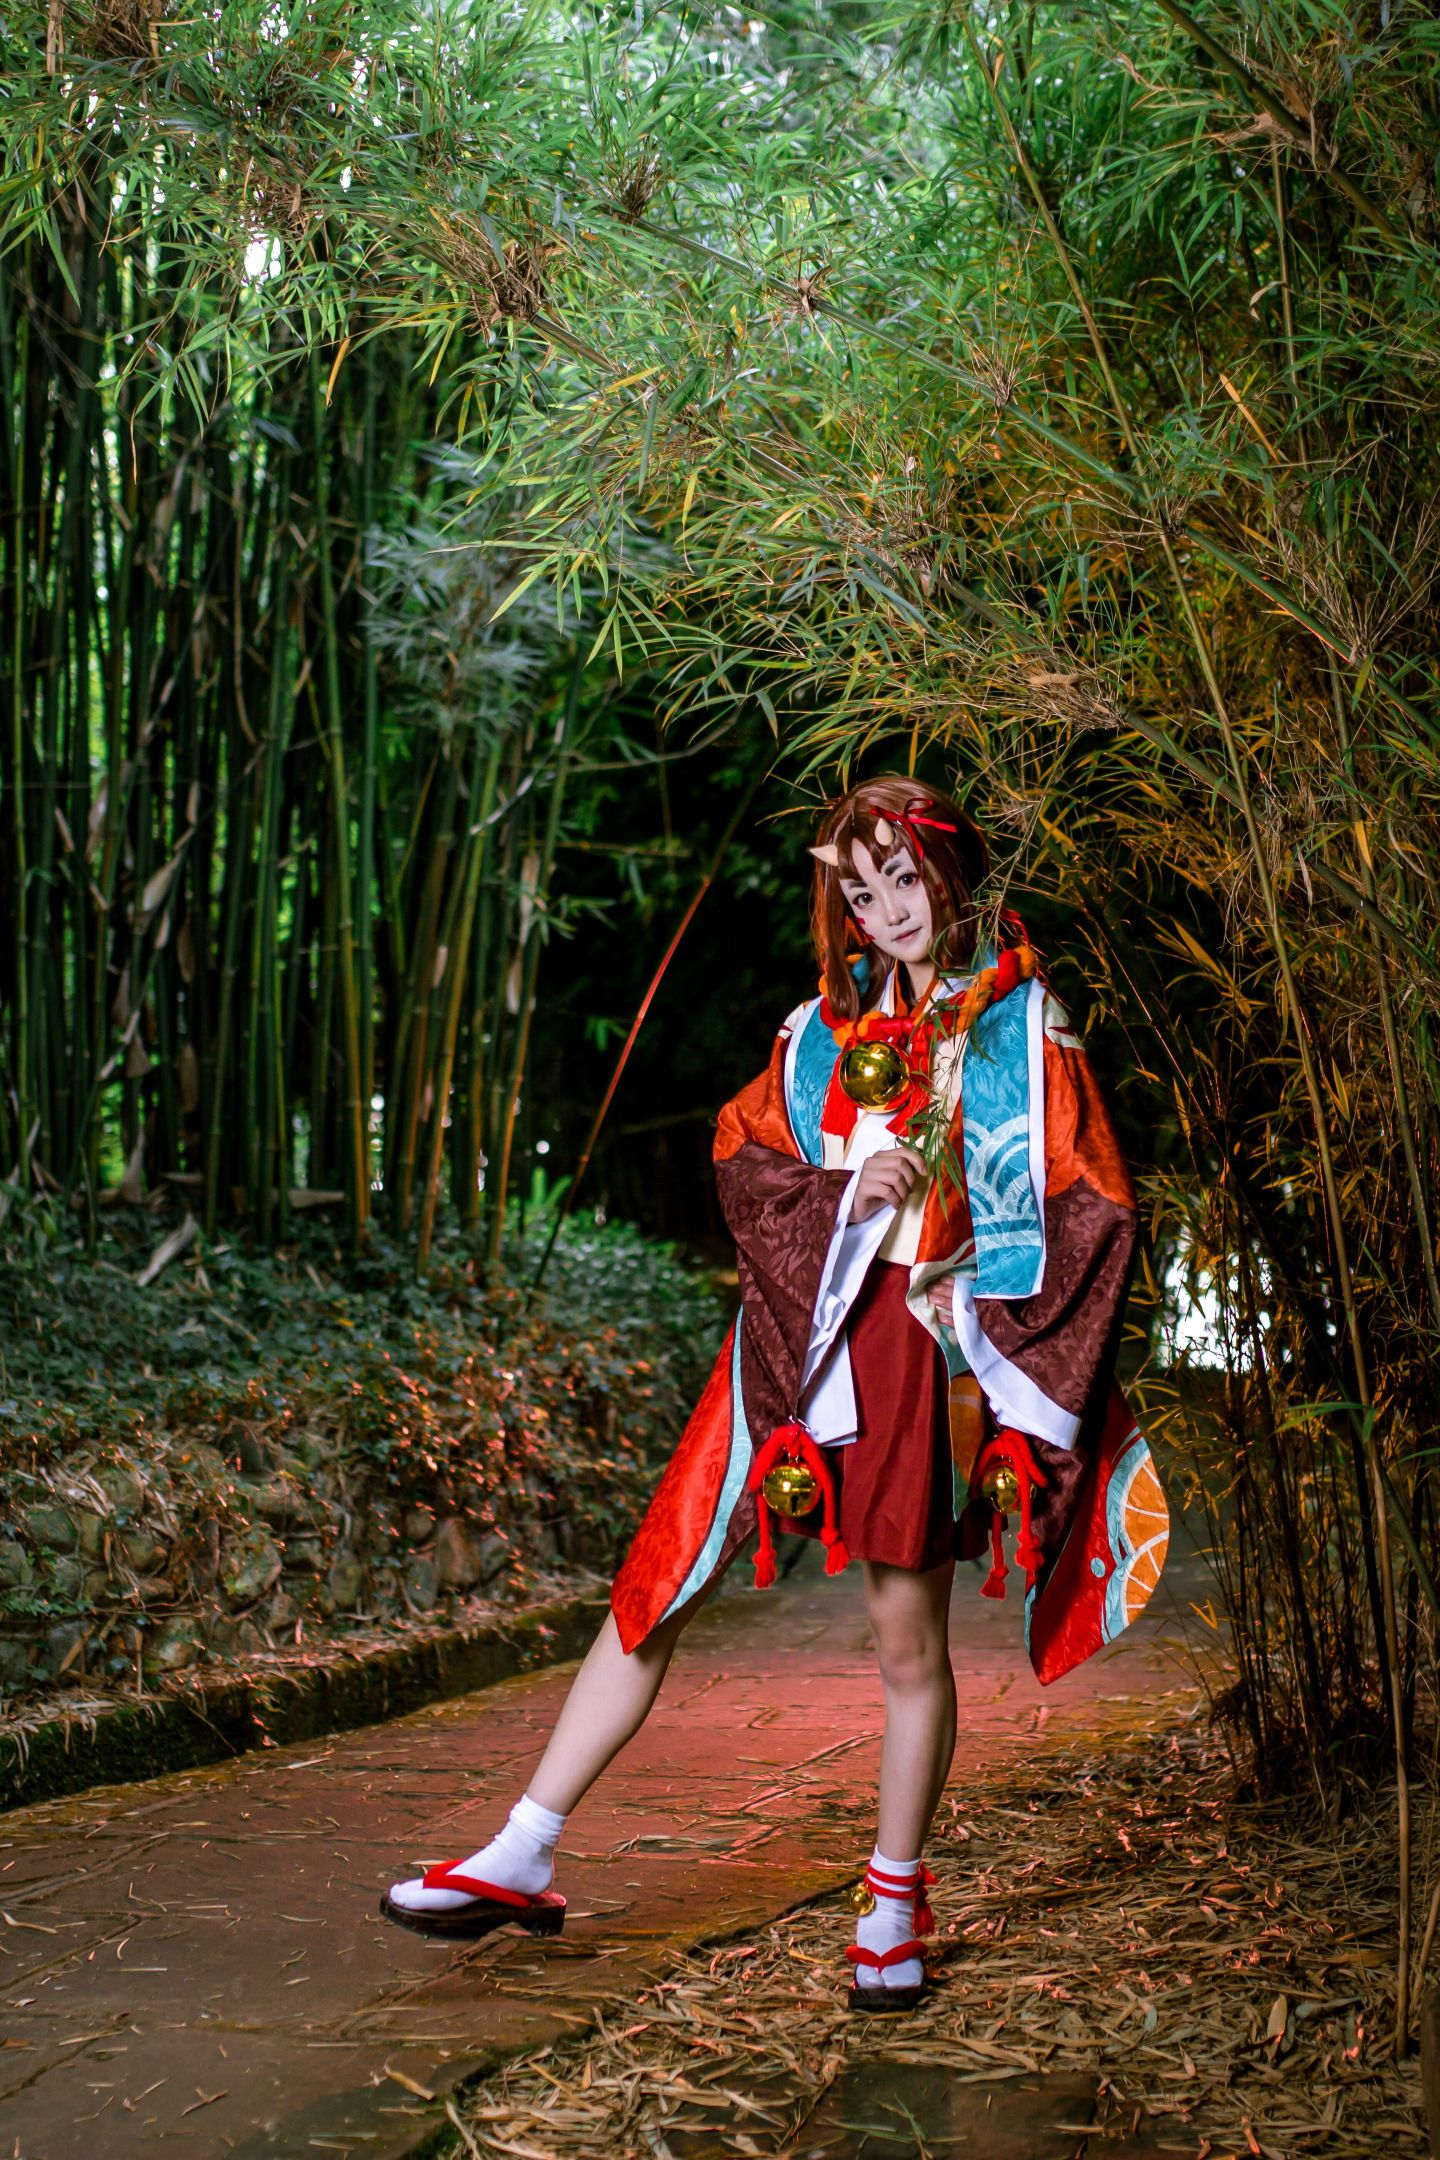 阴阳师座敷童子cosplay插图(1)